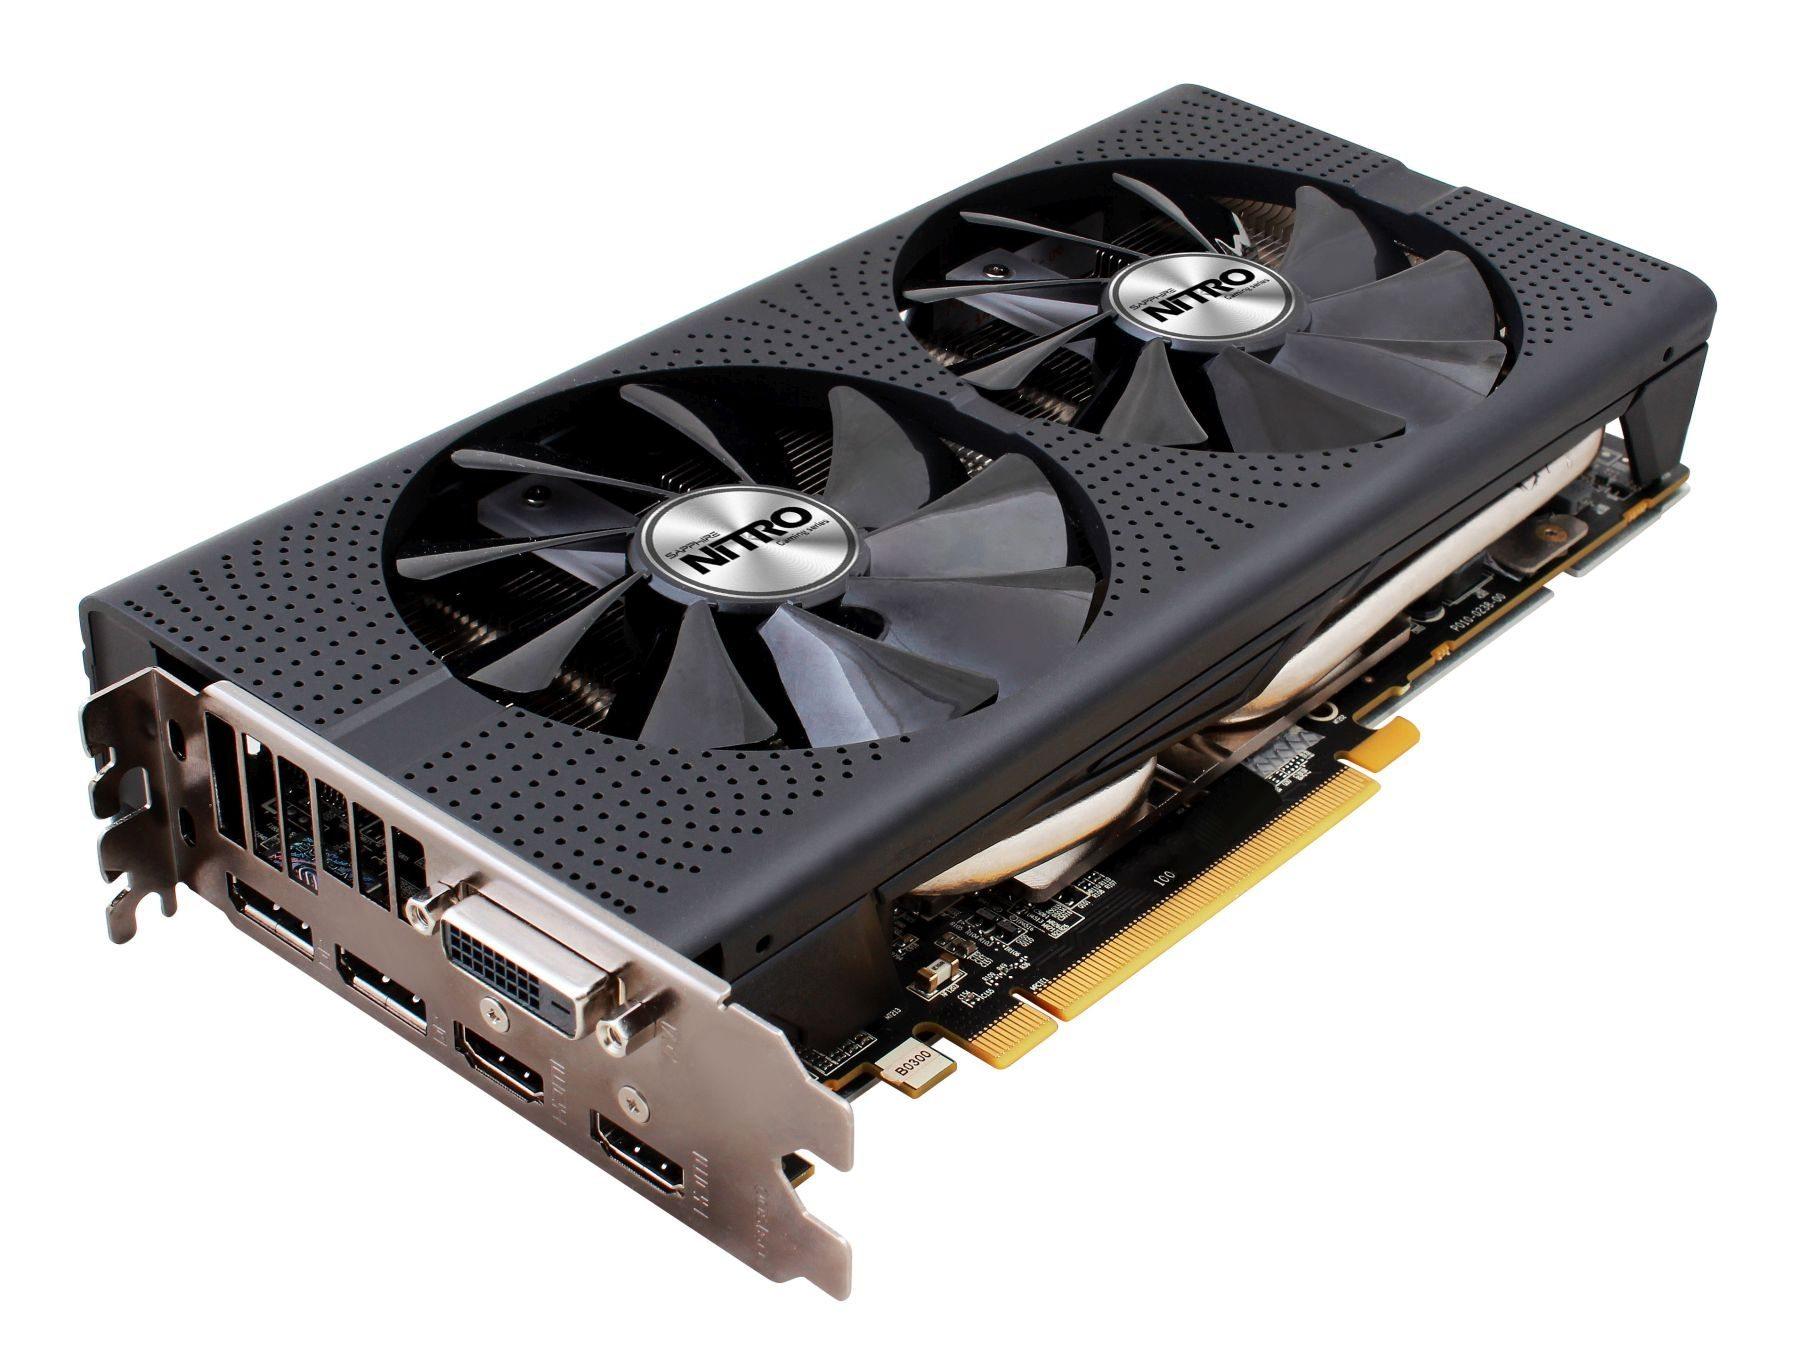 11260-01_RX480_NITRO_plus_8GBGDDR5_2DP_2HDMI_DVI_PCIE_C02